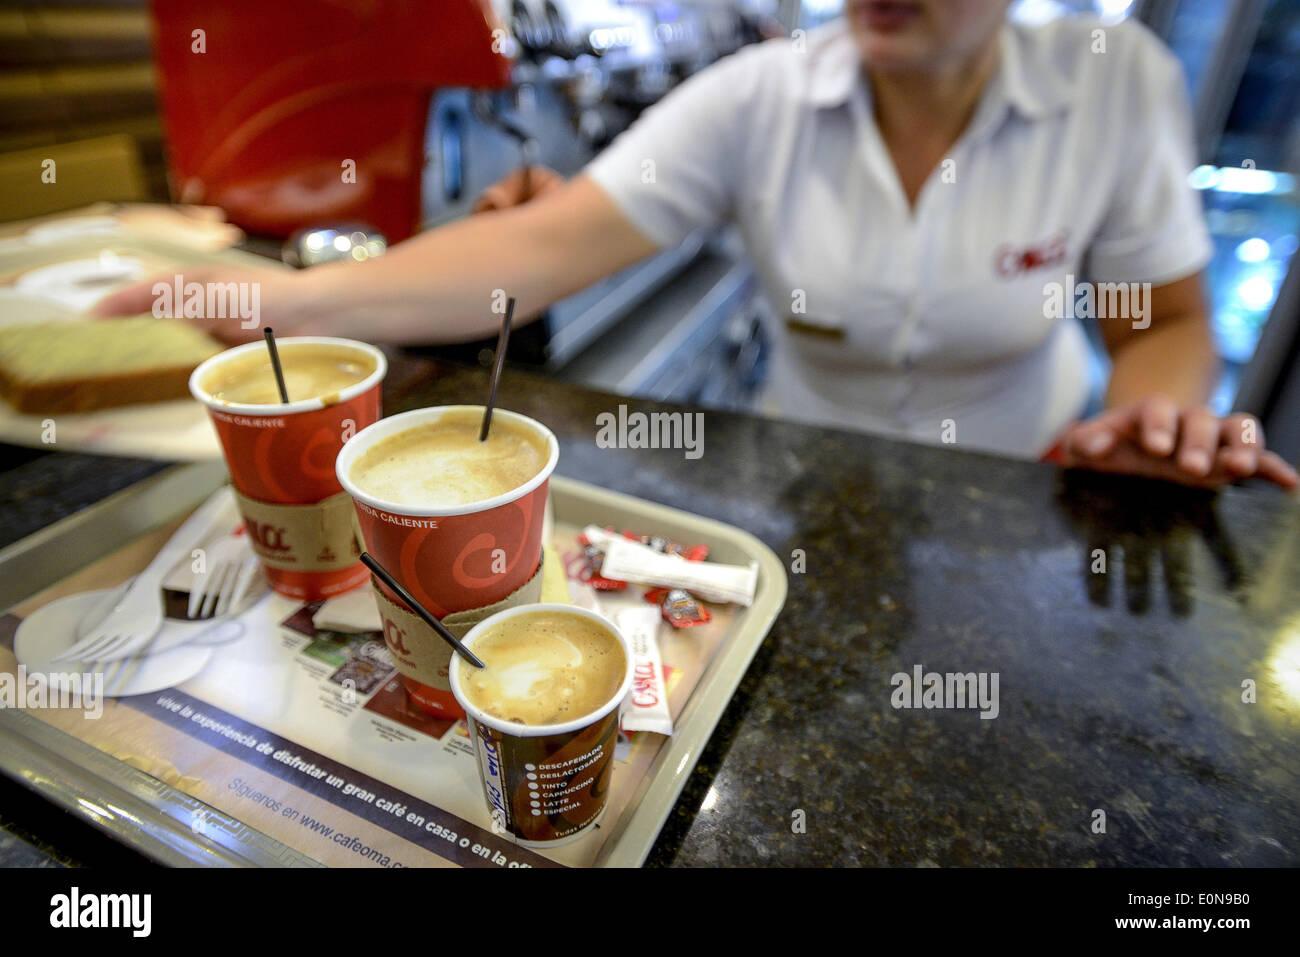 Jardin, Departement Antioquia, Kolumbien. 18. März 2014. 18. März 2014 - wie dieser Coffee-Shop in Bogota, Kolumbien, gedeihen viele Geschäfte in der gesamten Nation als beliebte Getränke wie Tinto und Latte häufig sind. Geschichte Zusammenfassung:. Tief in die grünen Täler der Region Kolumbiens Departement Antioquia ist Fabio Alonso Reyes Cano Kaffee Finca. Finca La Siemeona hat seit Generationen Canos-Familie. Er und zwei Arbeiter auf dem Bauernhof der 5 Hektar Land wie seine Vorfahren von Bean Bohne. Es ist eine Tradition, die inmitten der modernen Anbaumethoden, die schneller ernten schwand hat aber die selektiv pi Stockbild